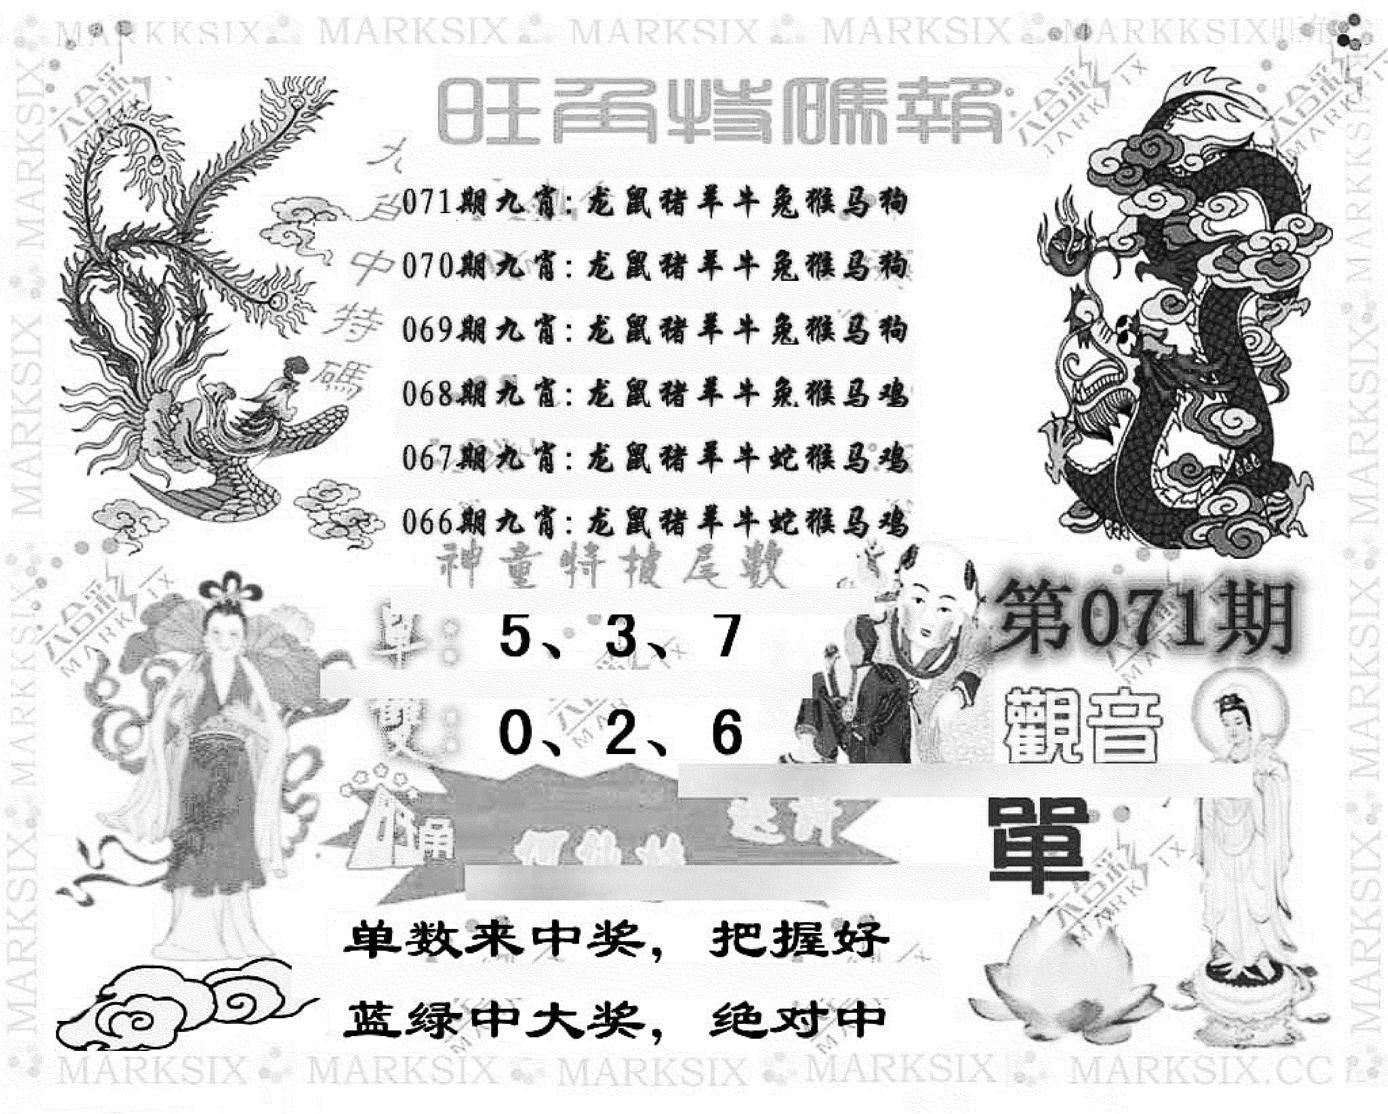 071期旺角特码报(彩)(黑白)